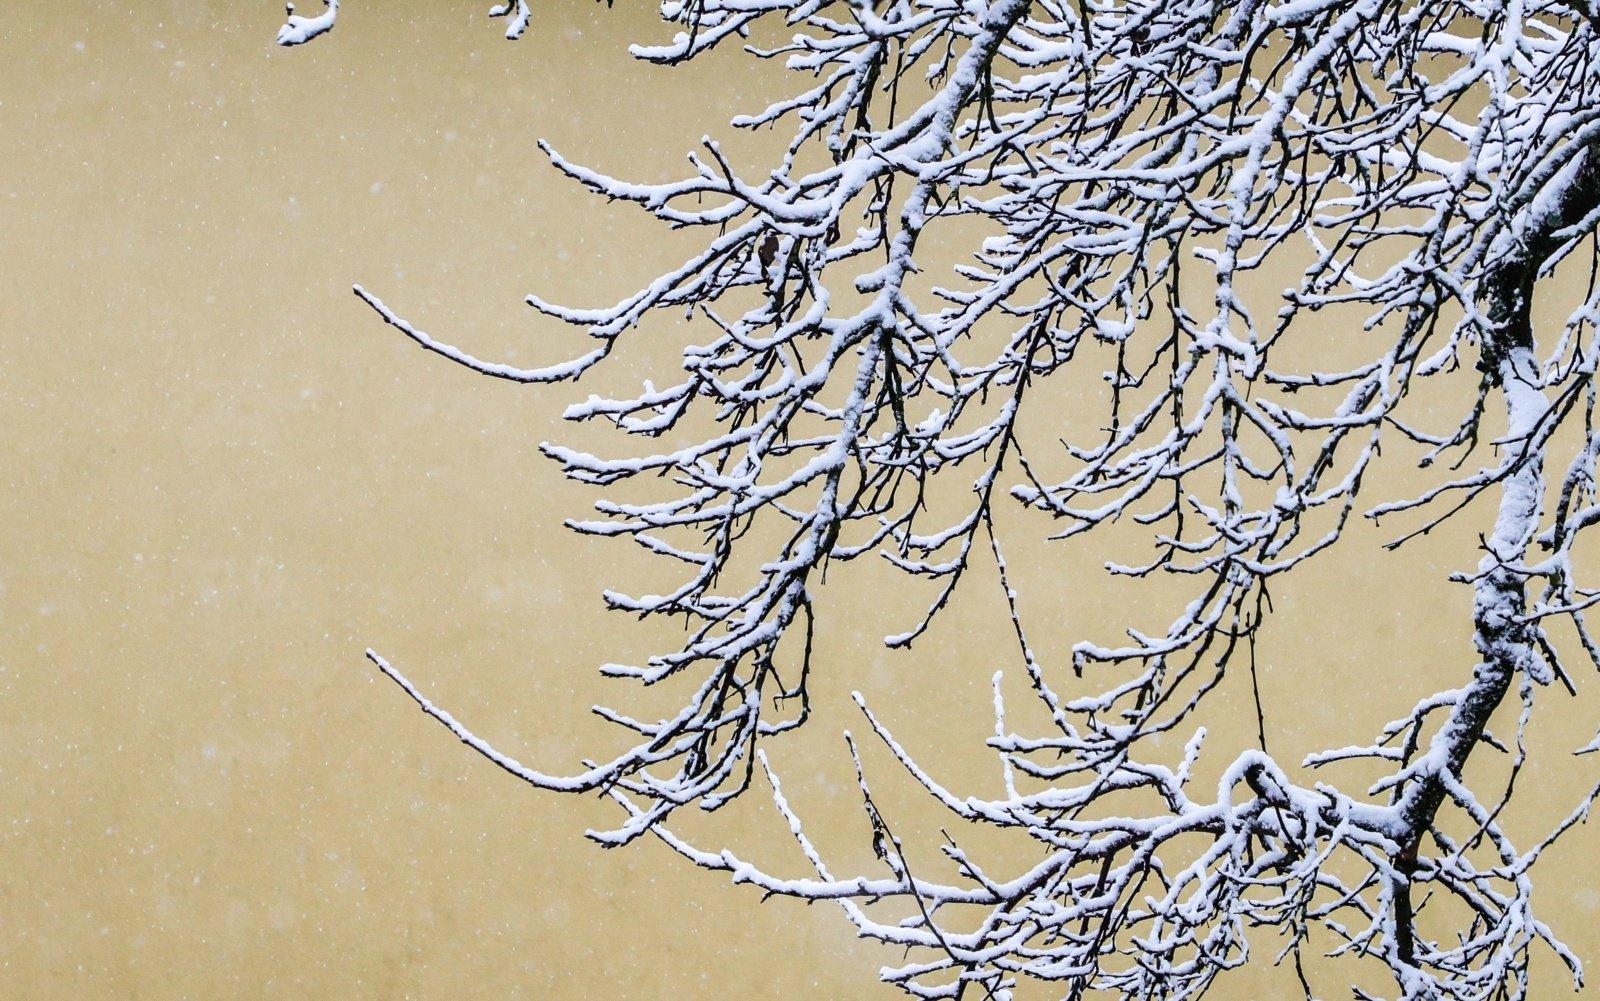 Meteorologai įspėja: smogs stingdantis šaltis, temperatūra kris iki –23°C